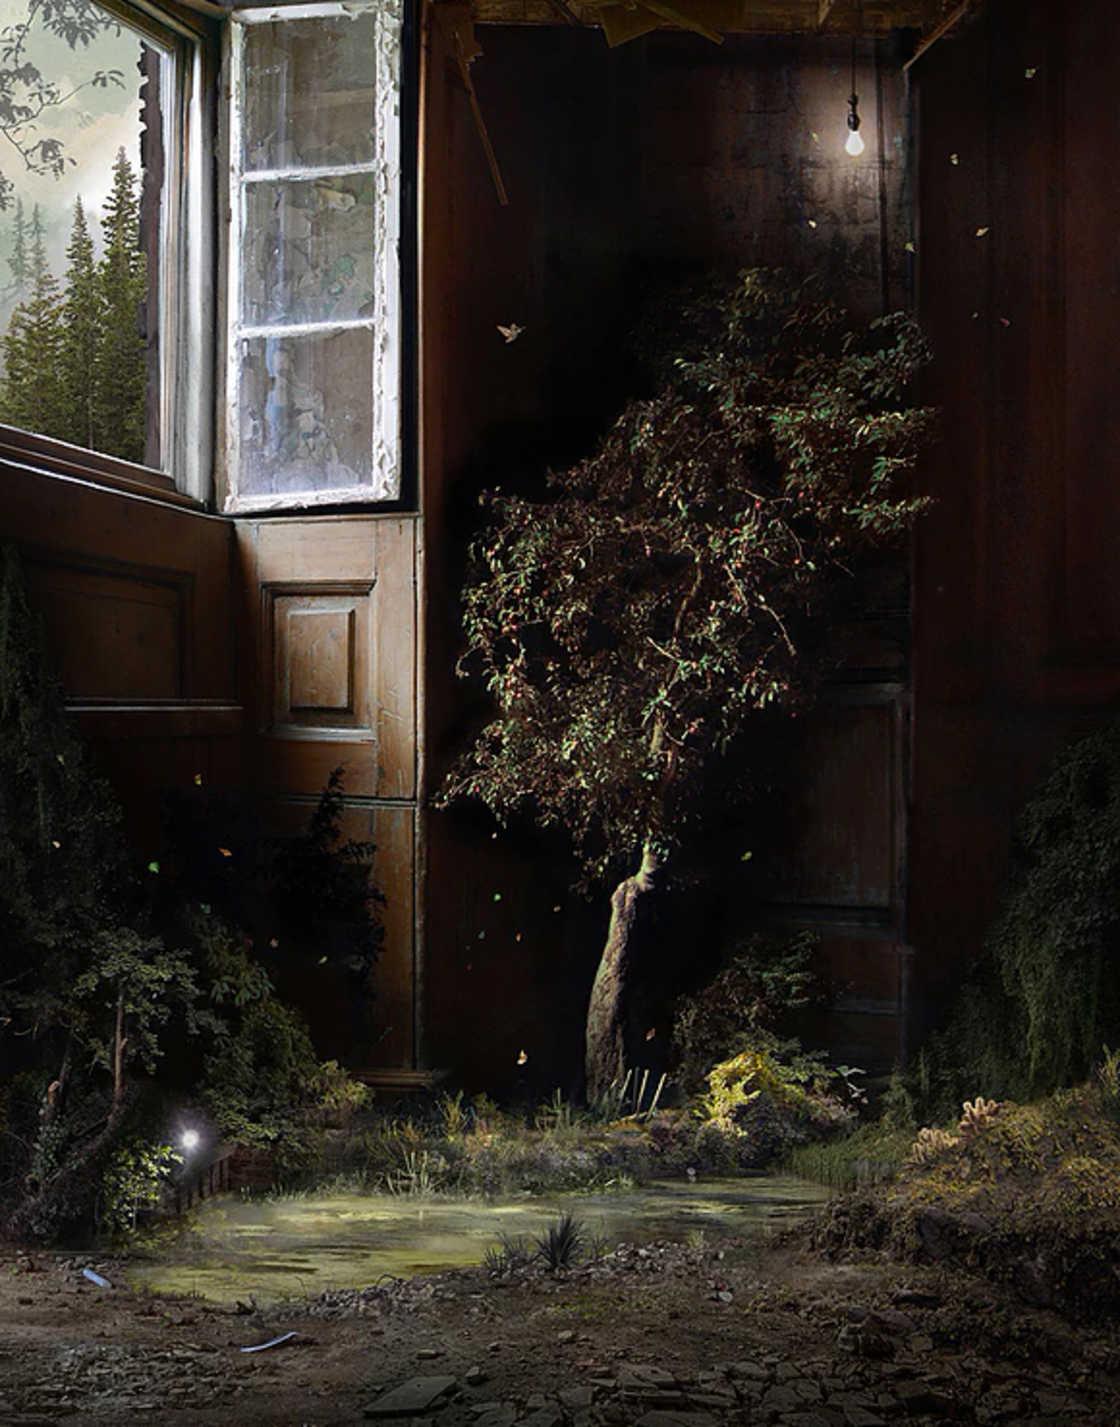 Quando a natureza invade lugares abandonados